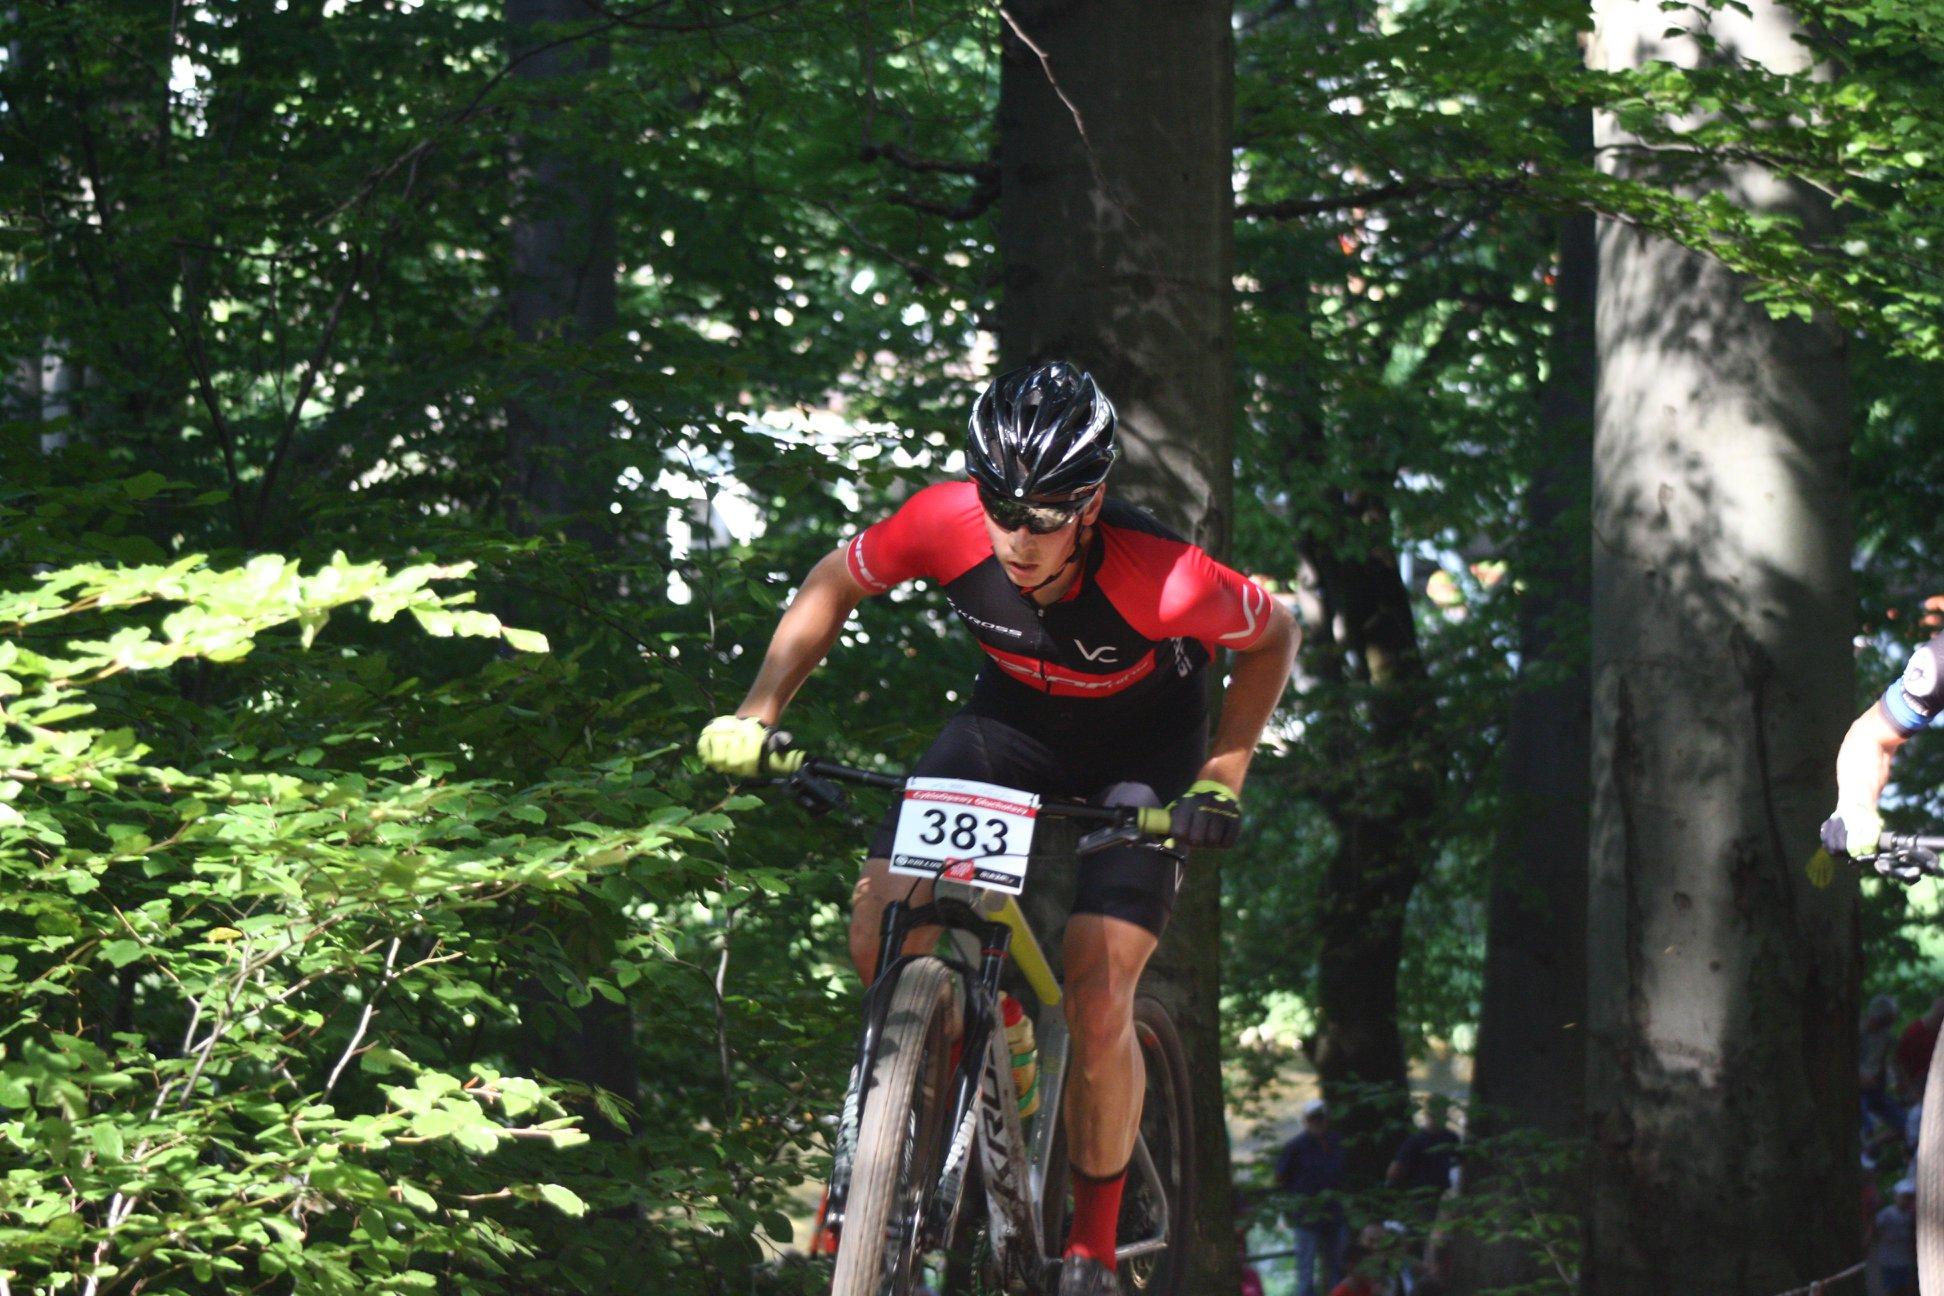 Maciej Jeziorski (jezior.bike) – Puchar Polski XCO, CykloOpawy XC, Głuchołazy